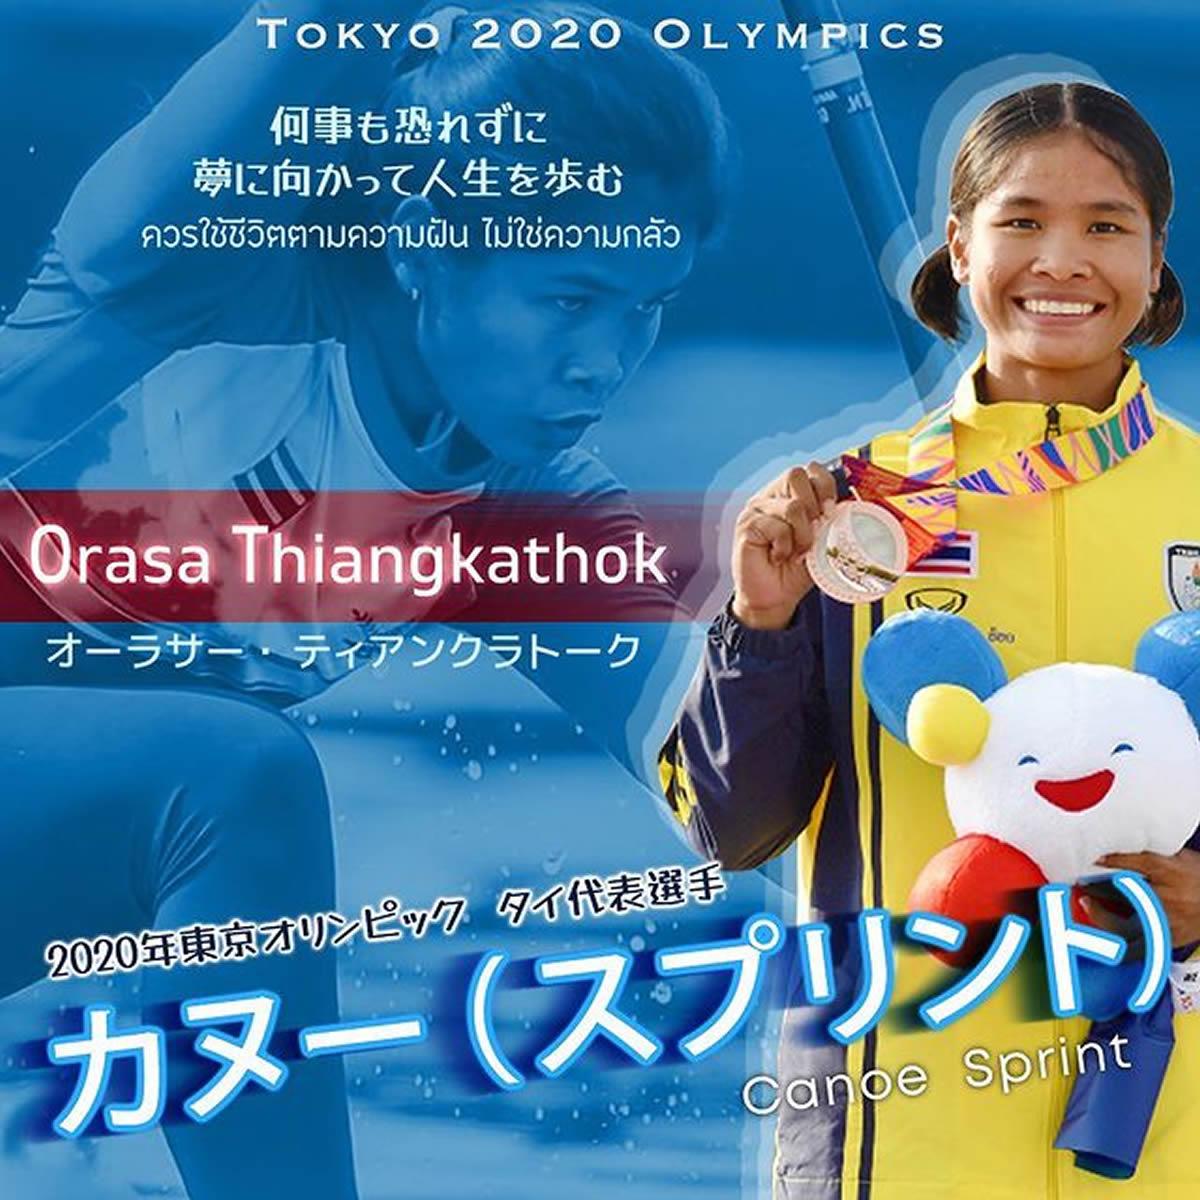 オーラサー・ティアンクラトーク選手[女子カヌー タイ代表]東京2020オリンピック